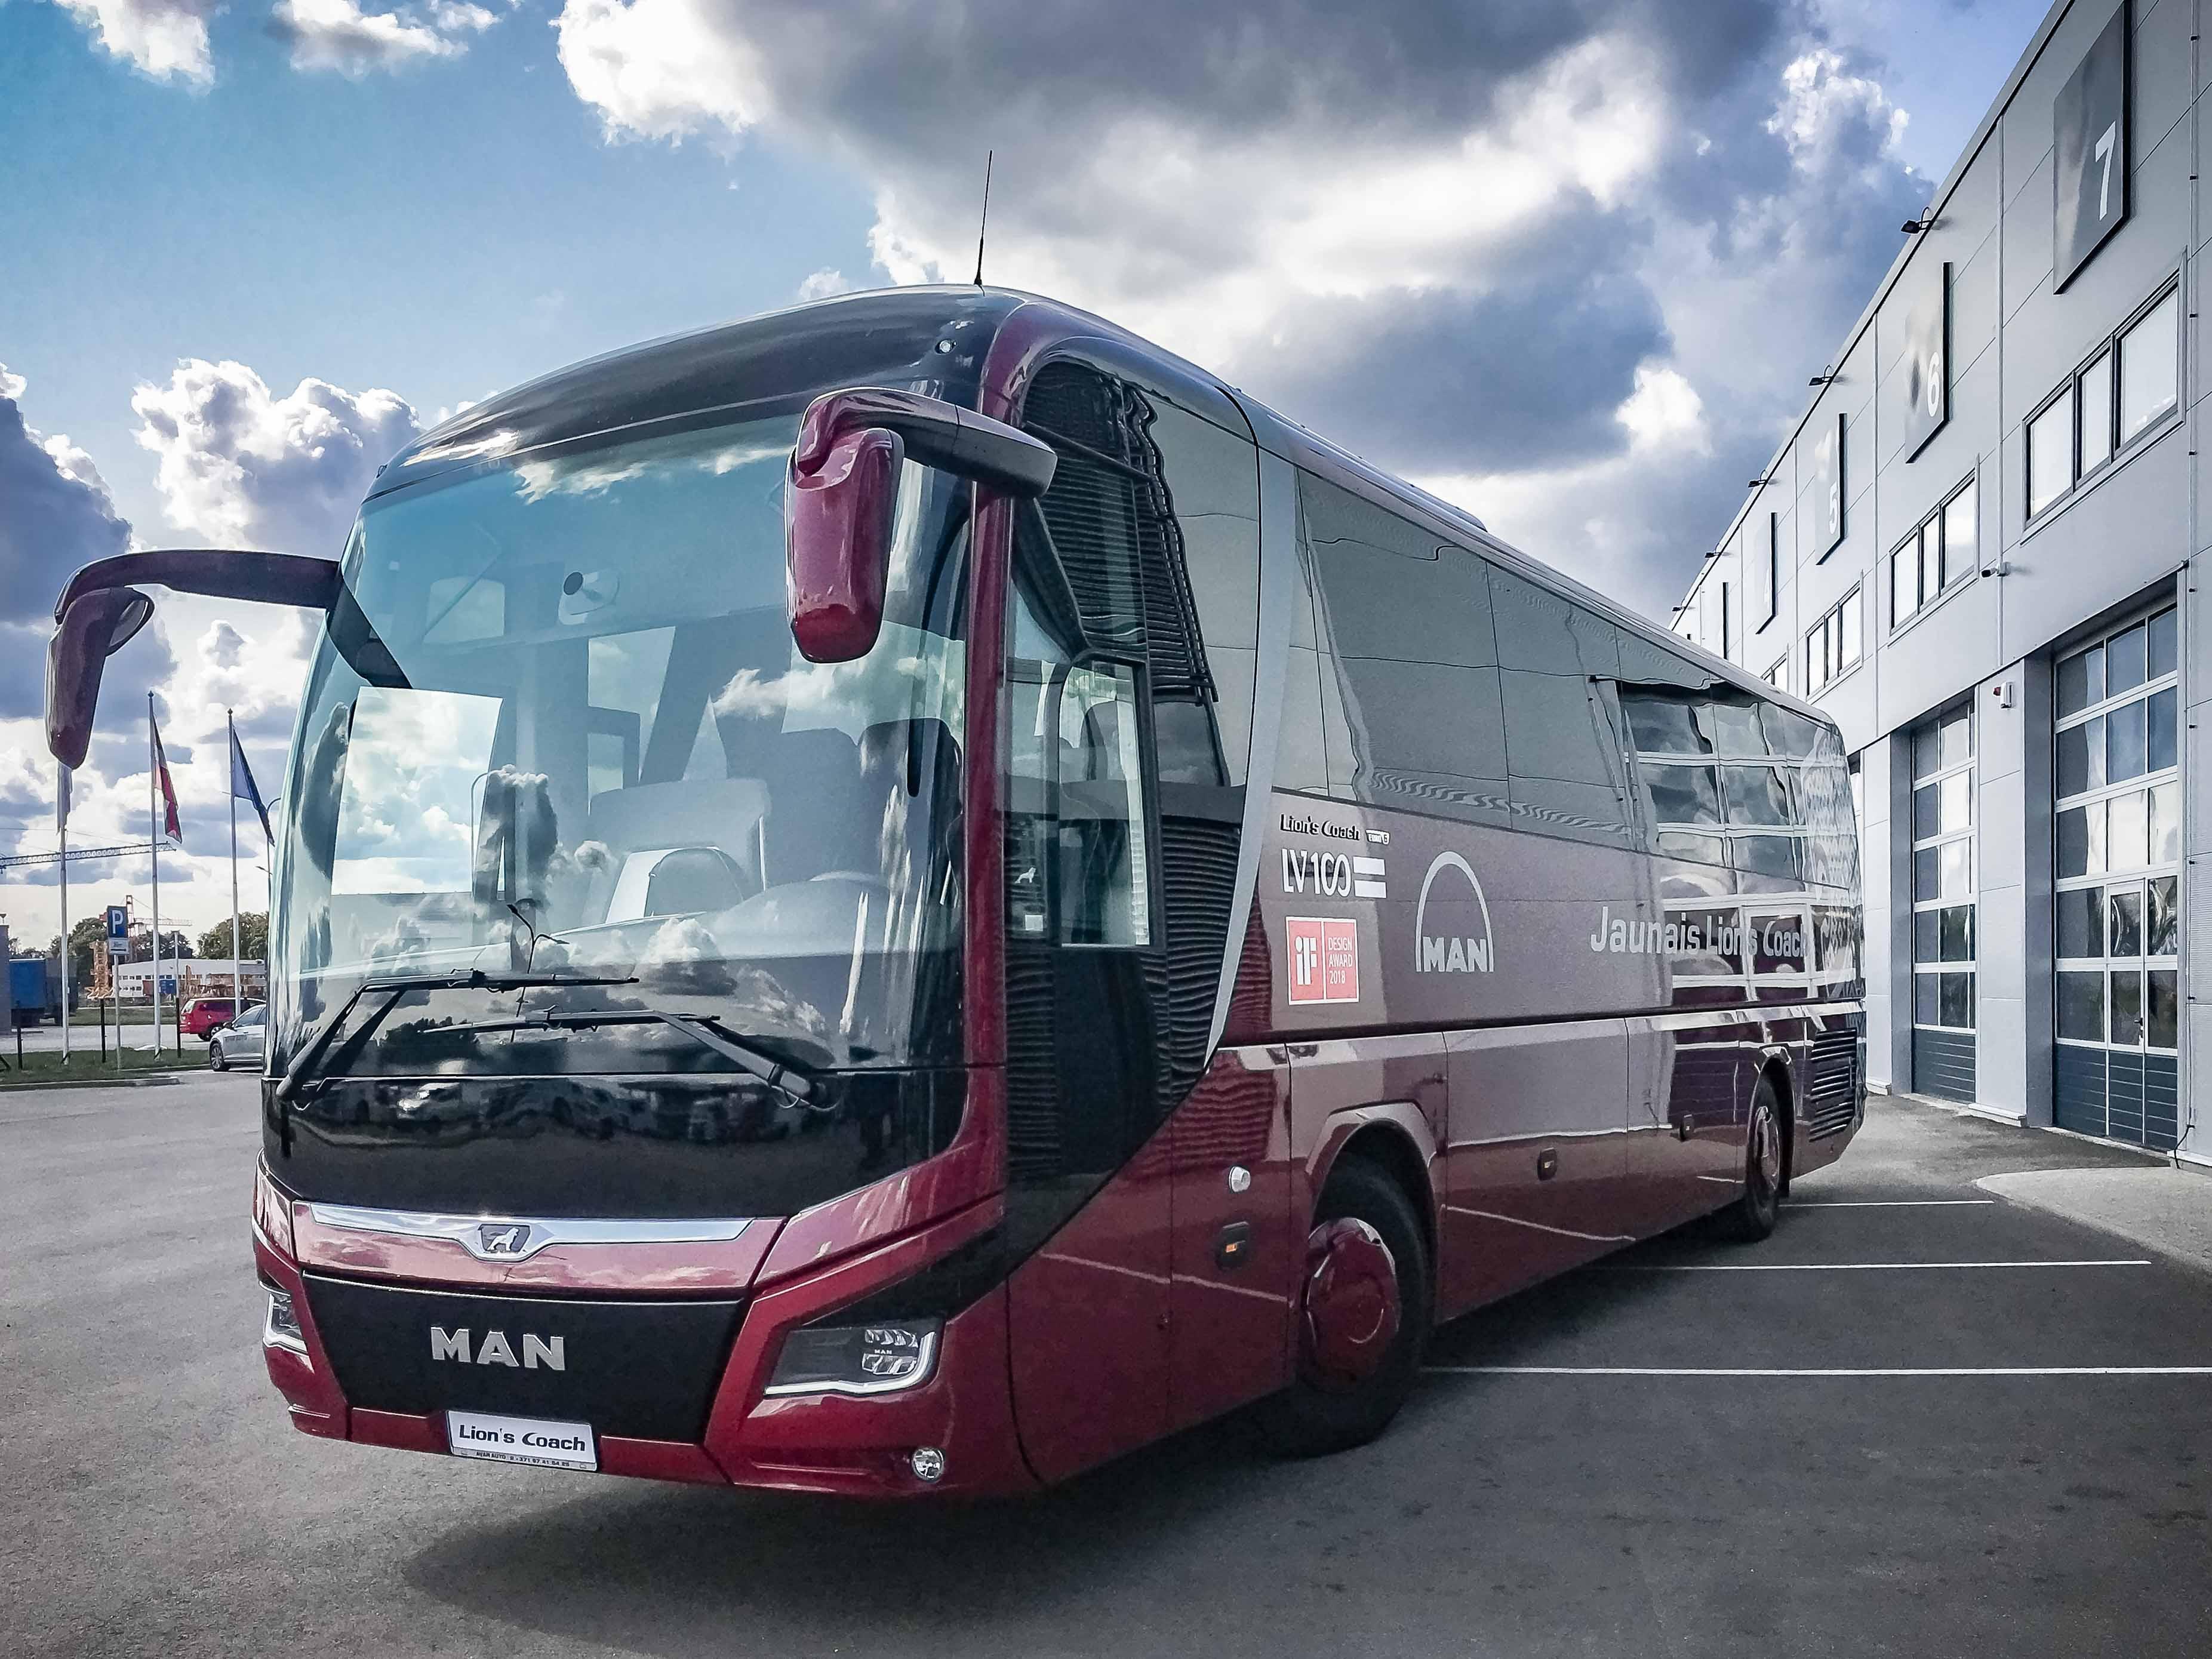 Концерн MAN создал автобус в честь столетия Латвии